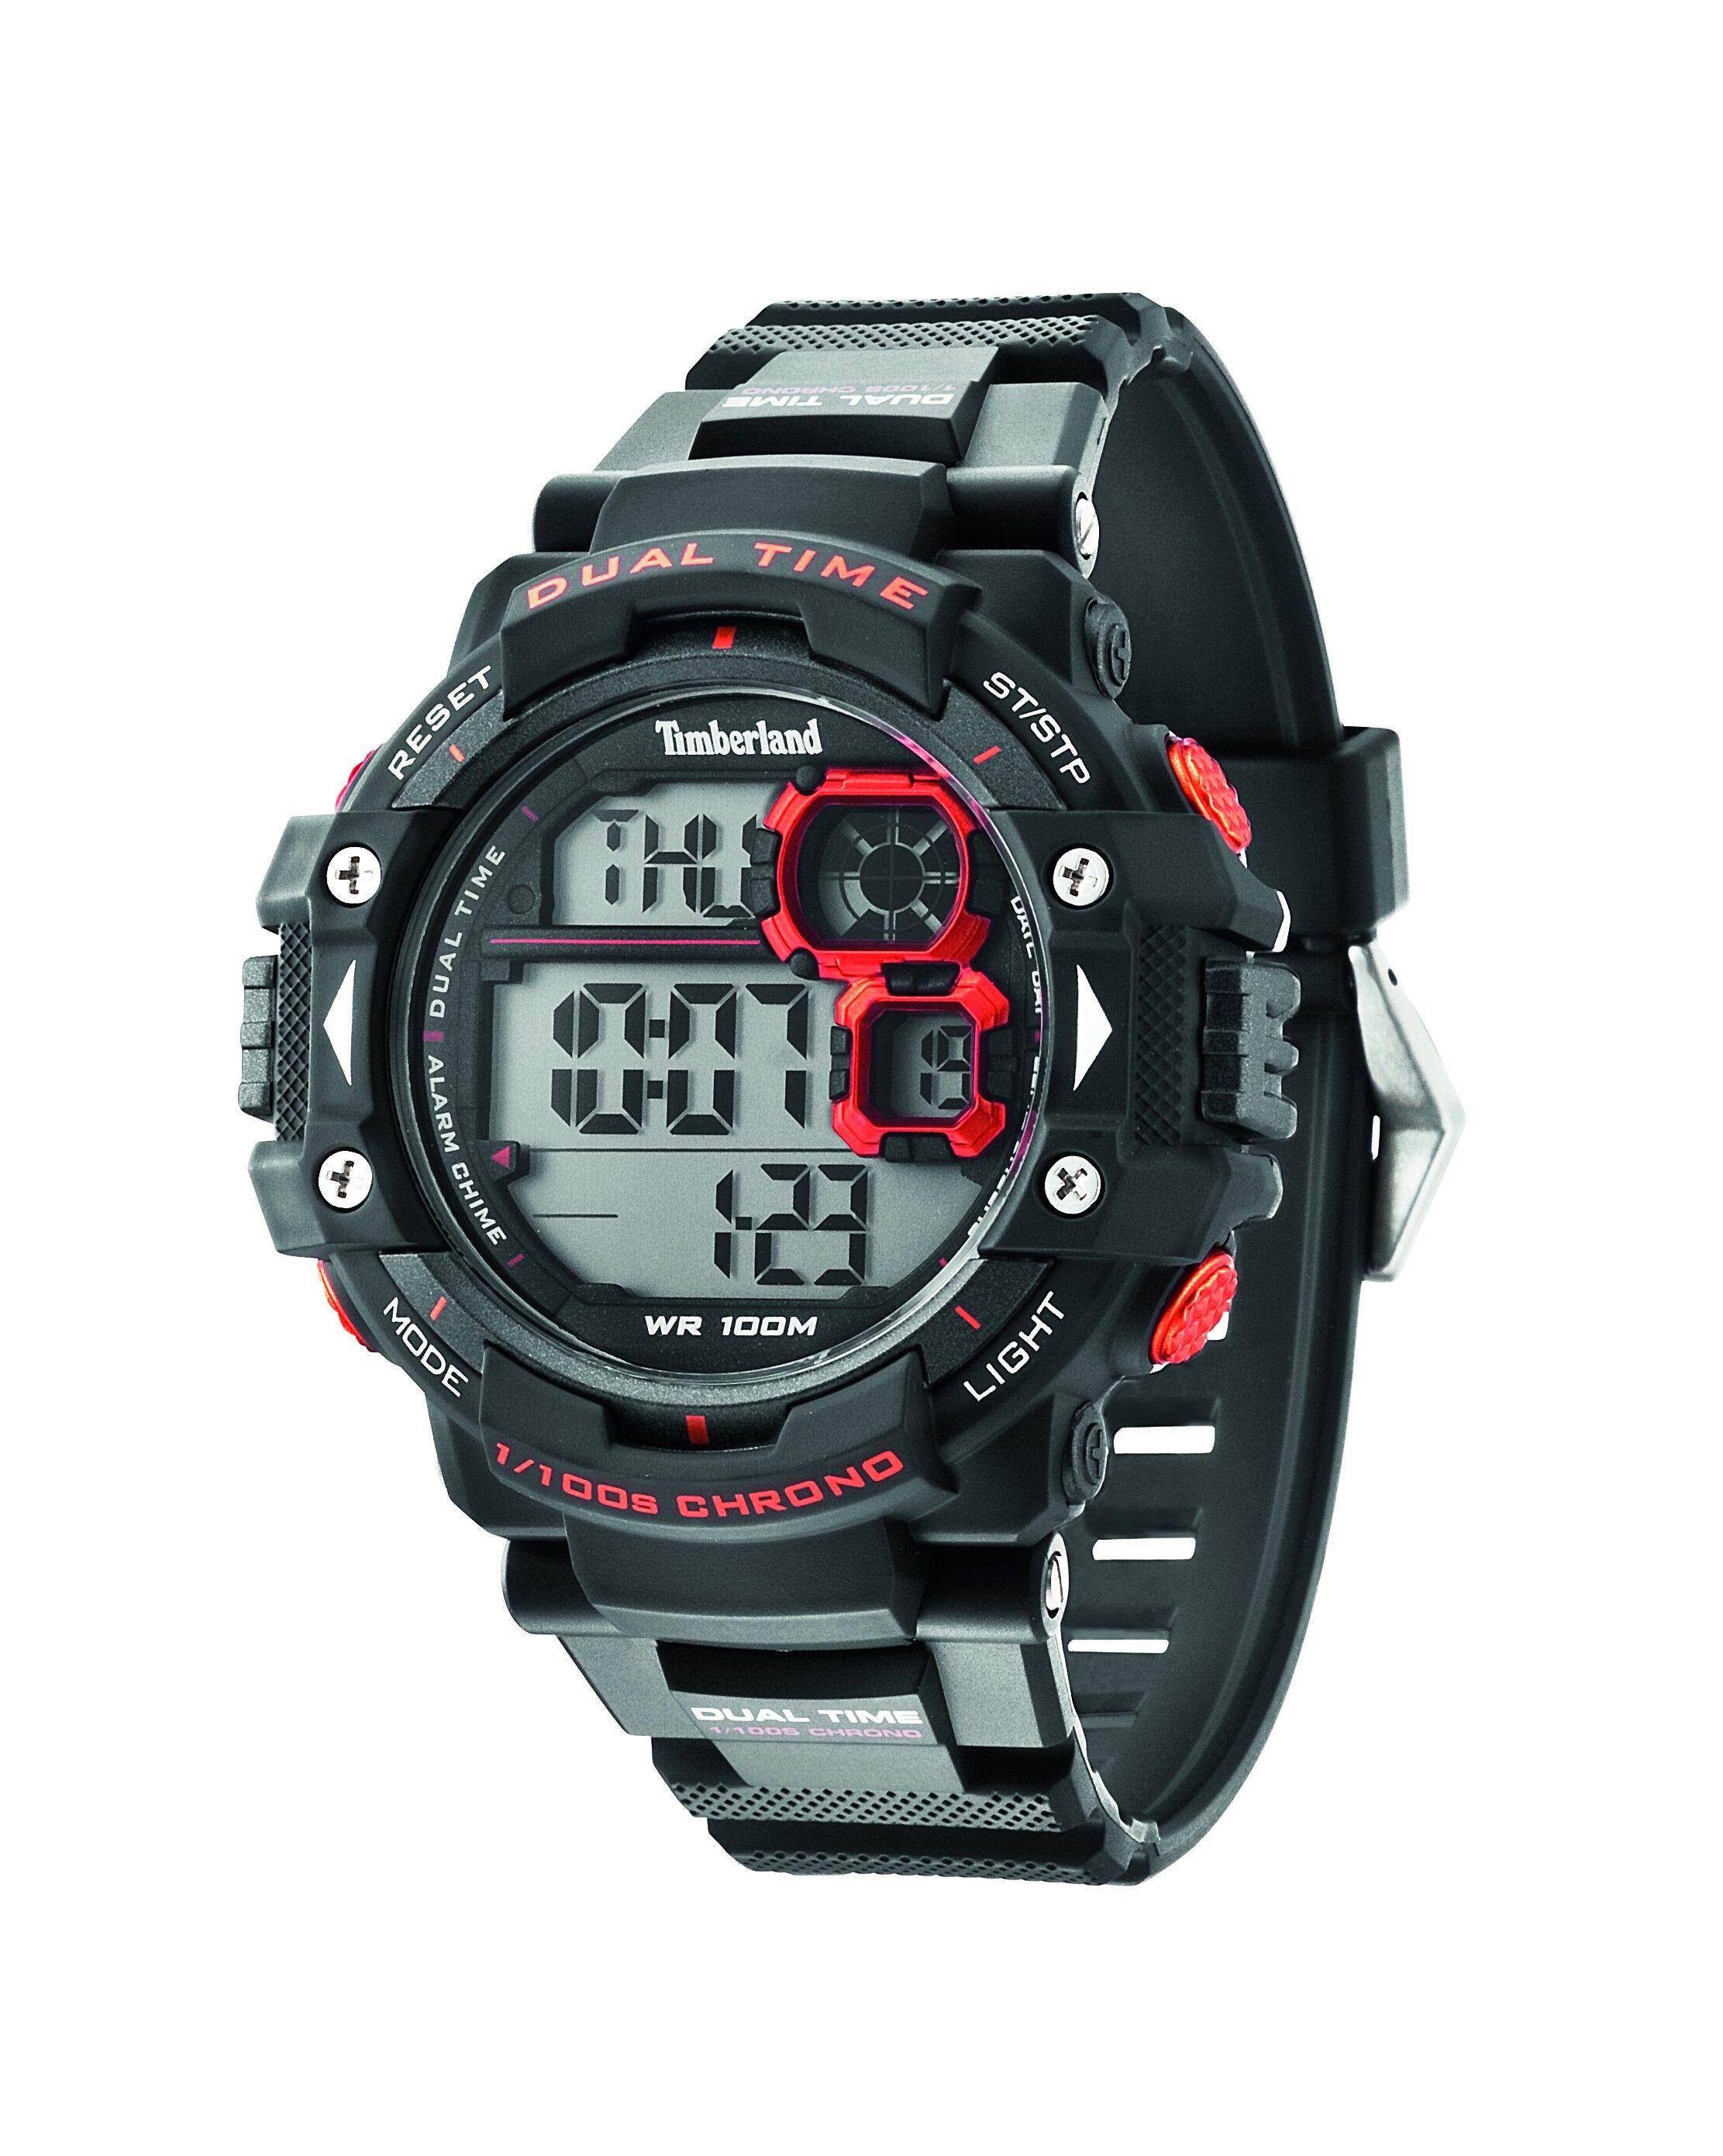 940e3ddaab8 Pin do(a) SempreIn - Joias   Relógios em Relógios Timberland